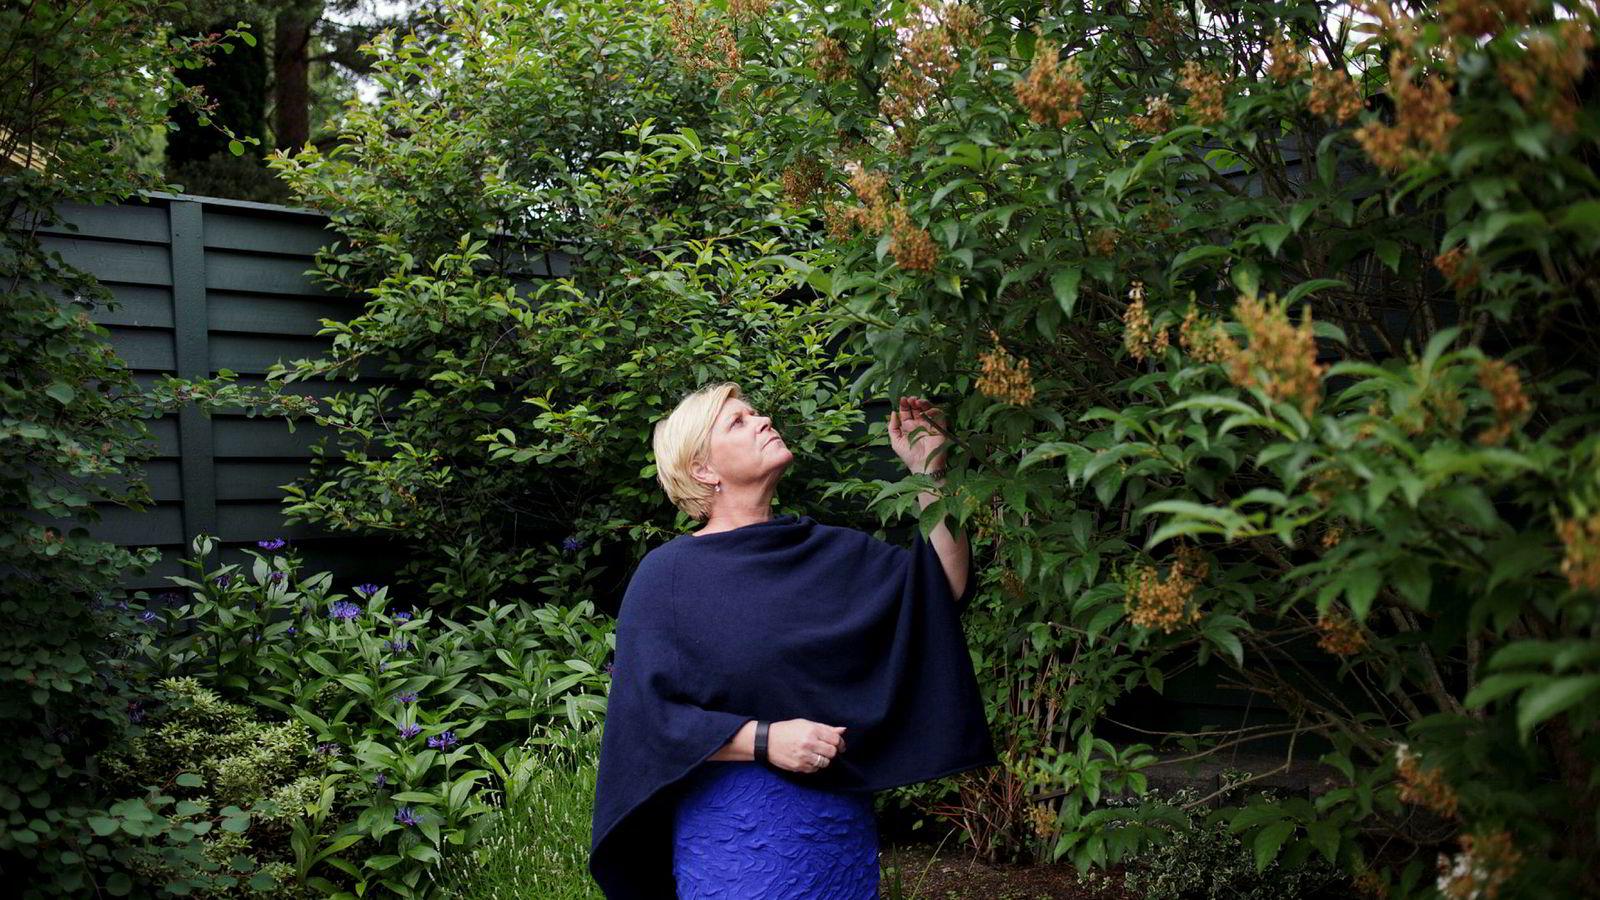 Siv Jensen tok imot DN hjemme i egen hage til partilederintervjuet. Jensen leier en hytte i Oslofjorden hvor hun skal koble av før valgkampen starter senere i sommer.